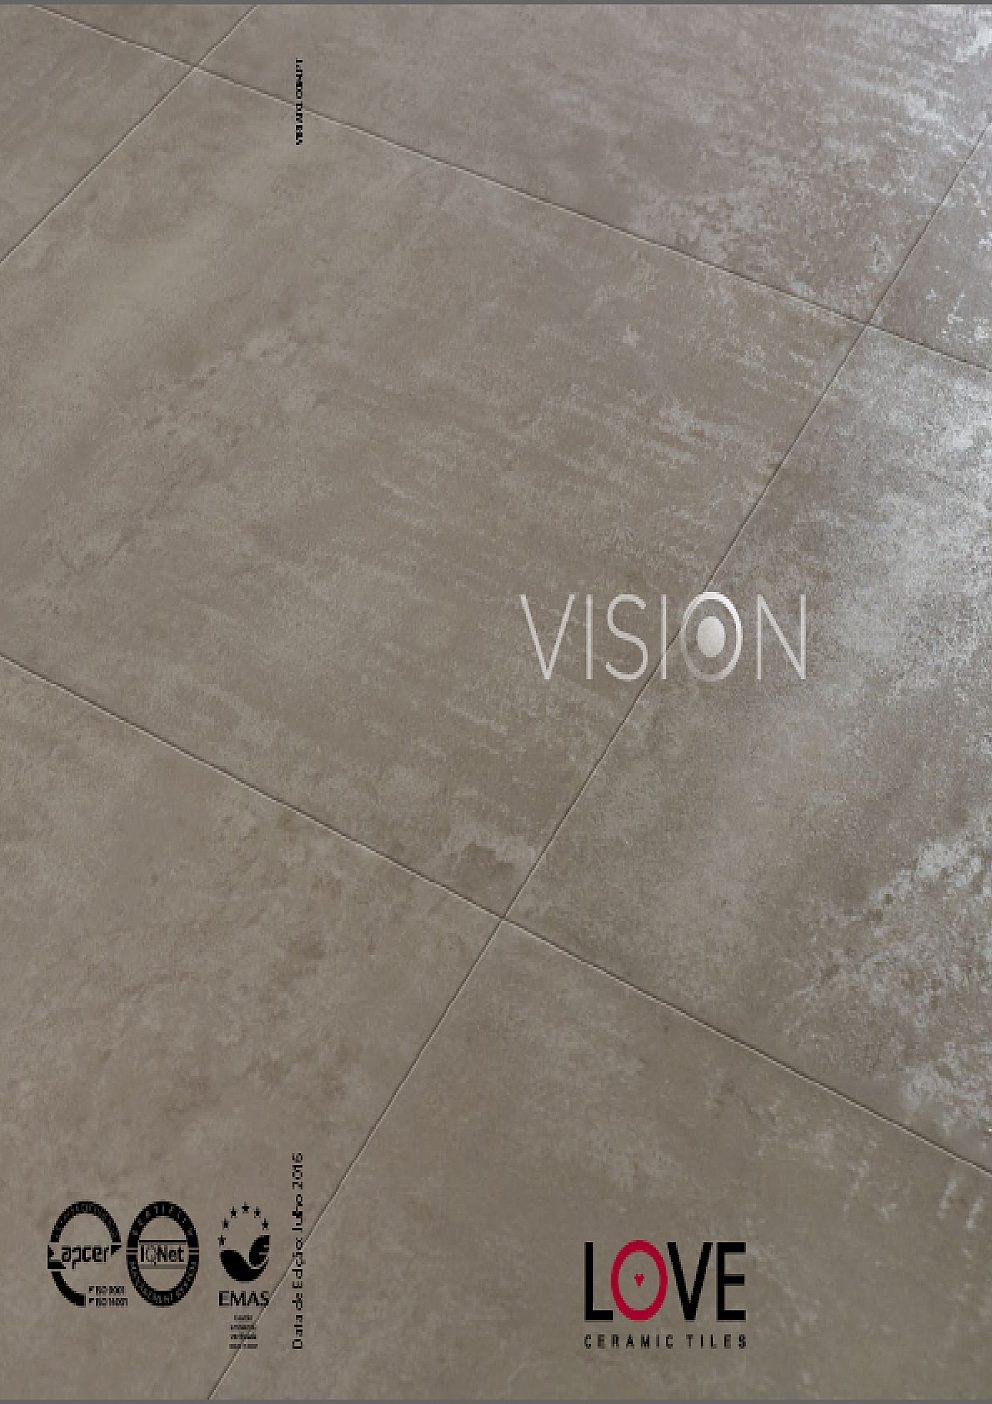 Love - Vision